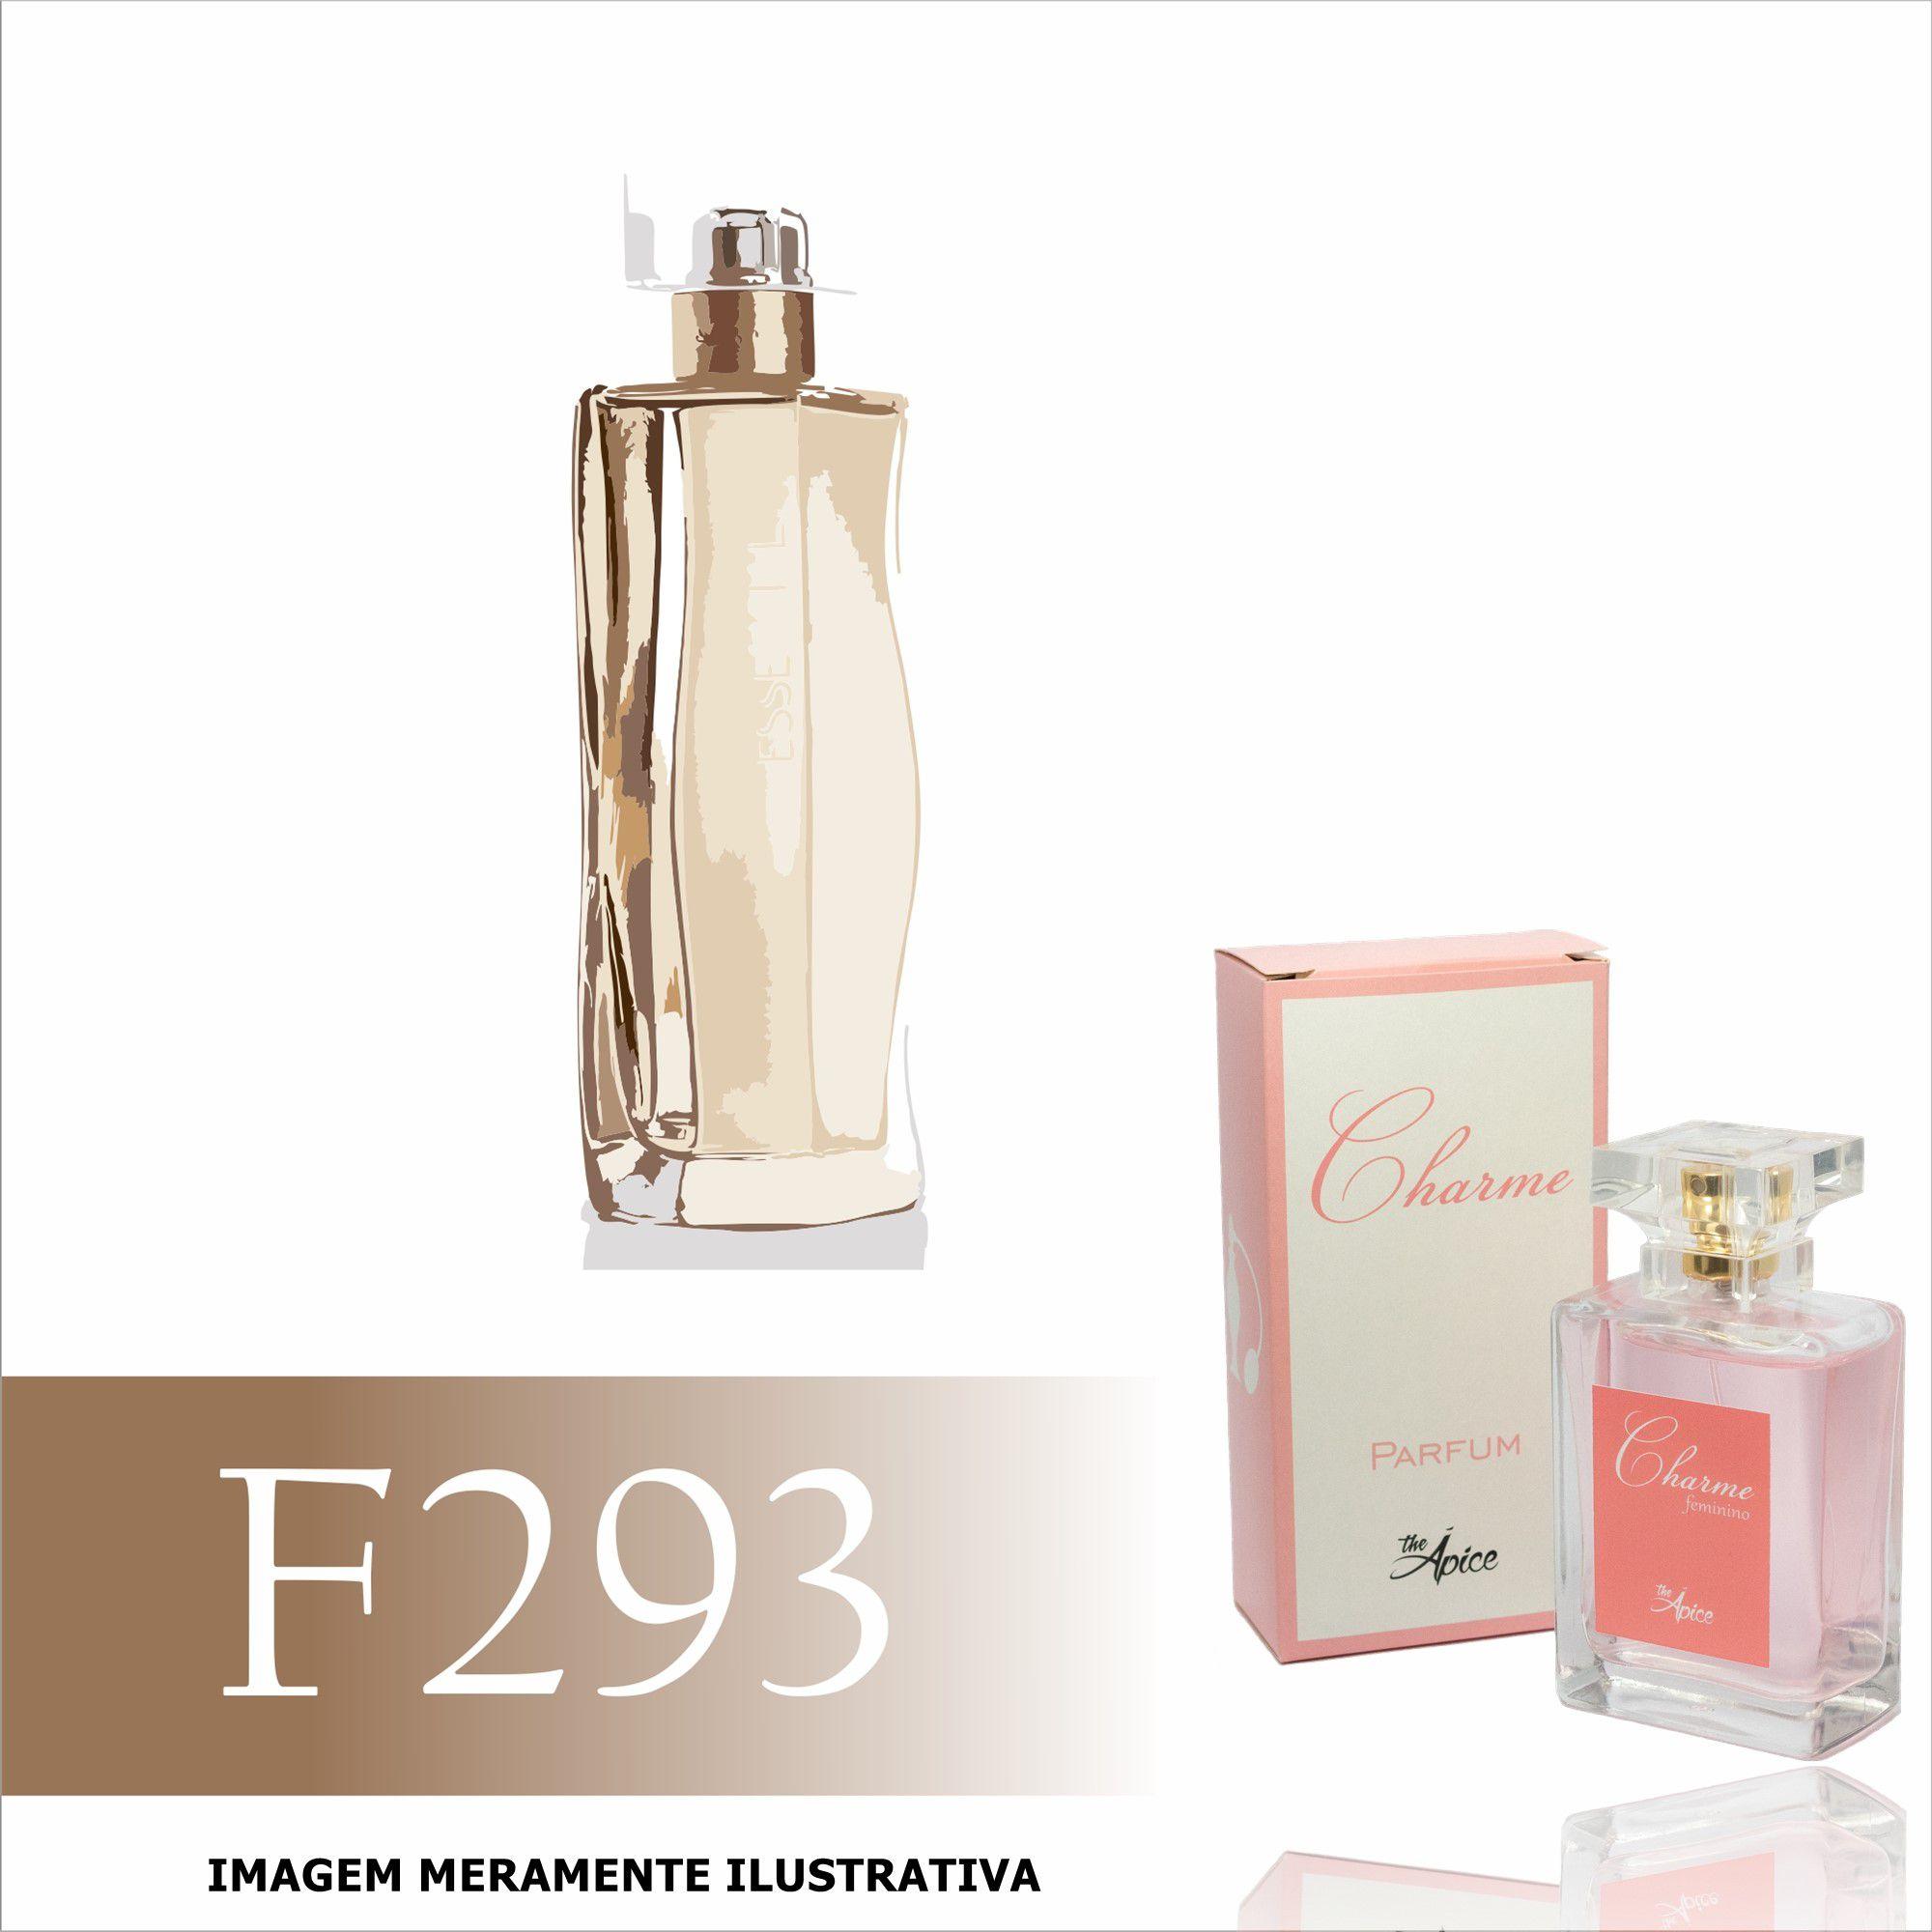 Perfume F293 Inspirado no Essencial da Natura Feminino